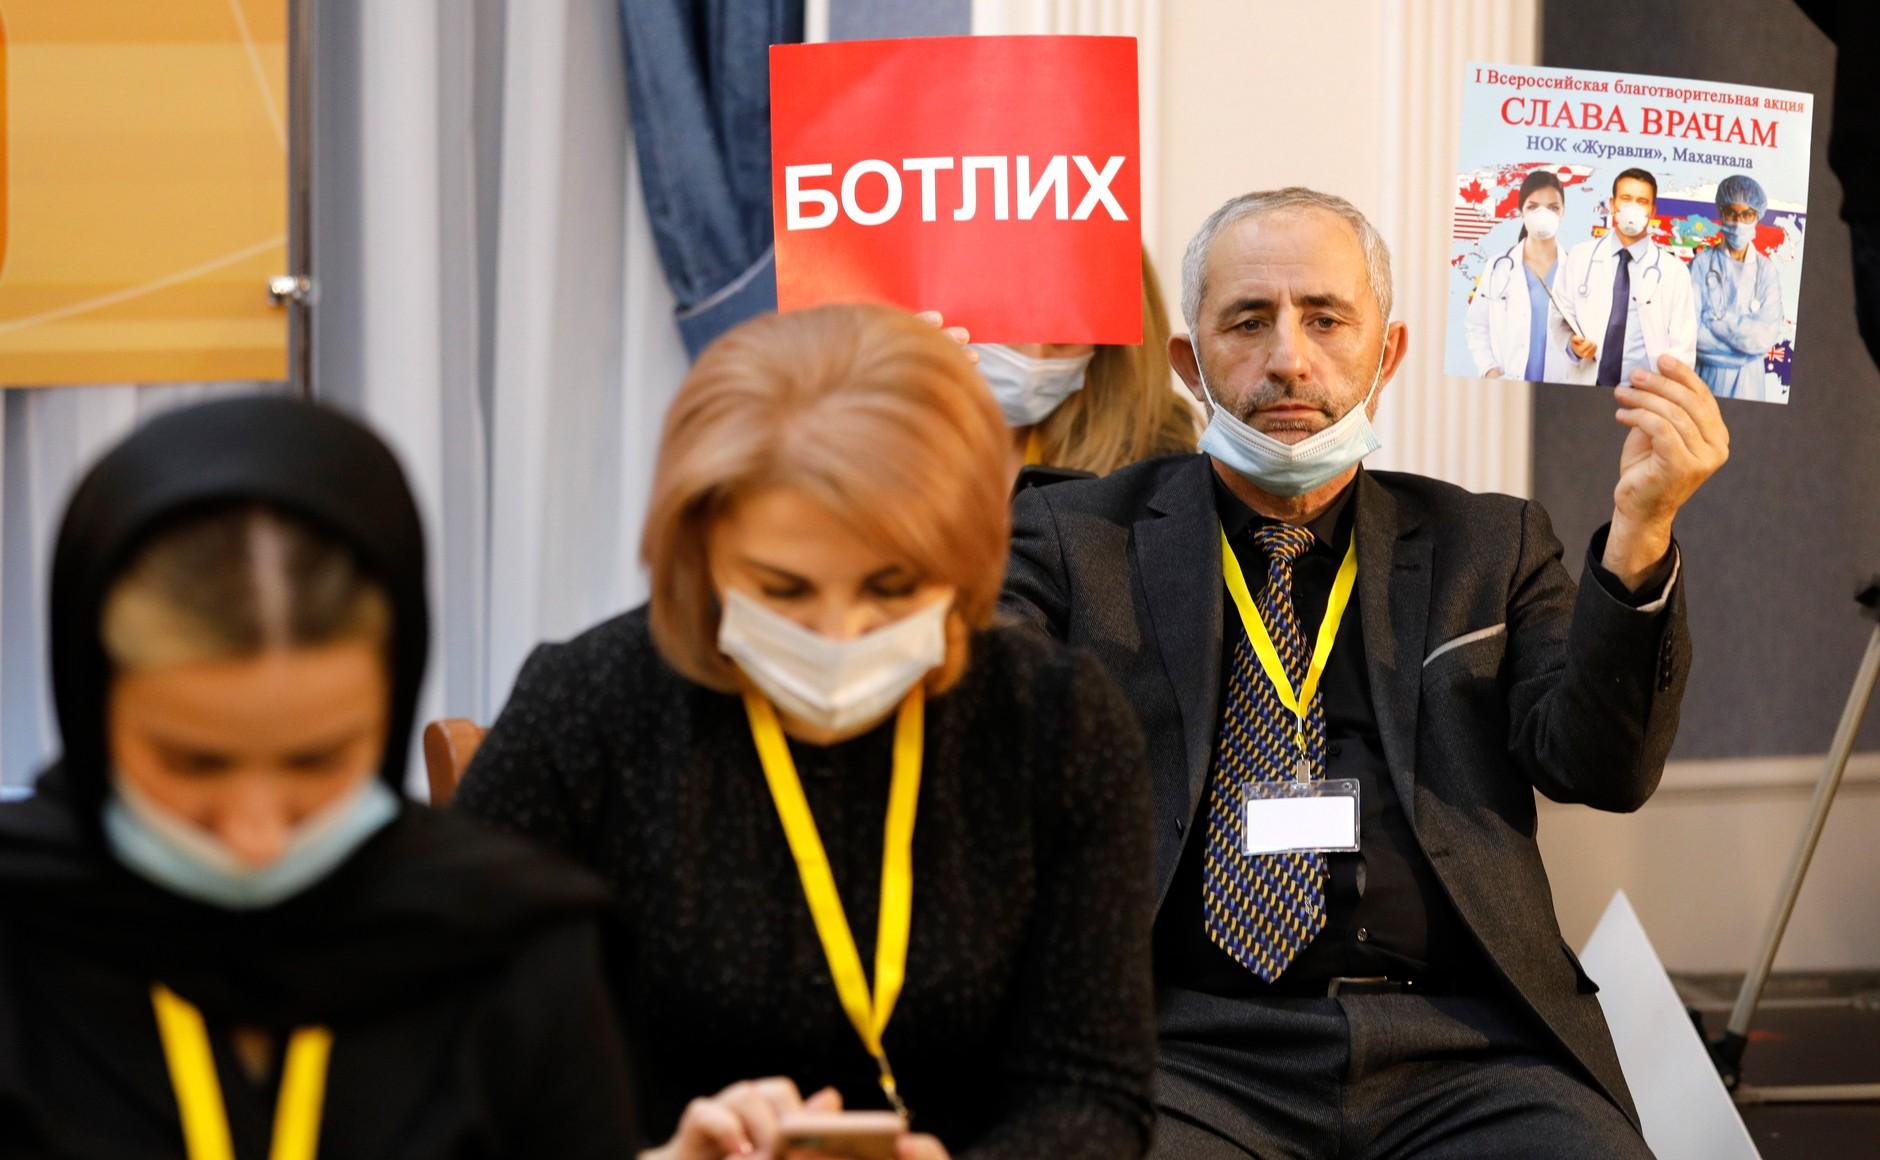 большая пресс-конференция Владимира Путина, Ботлих, Дагестан, врачи